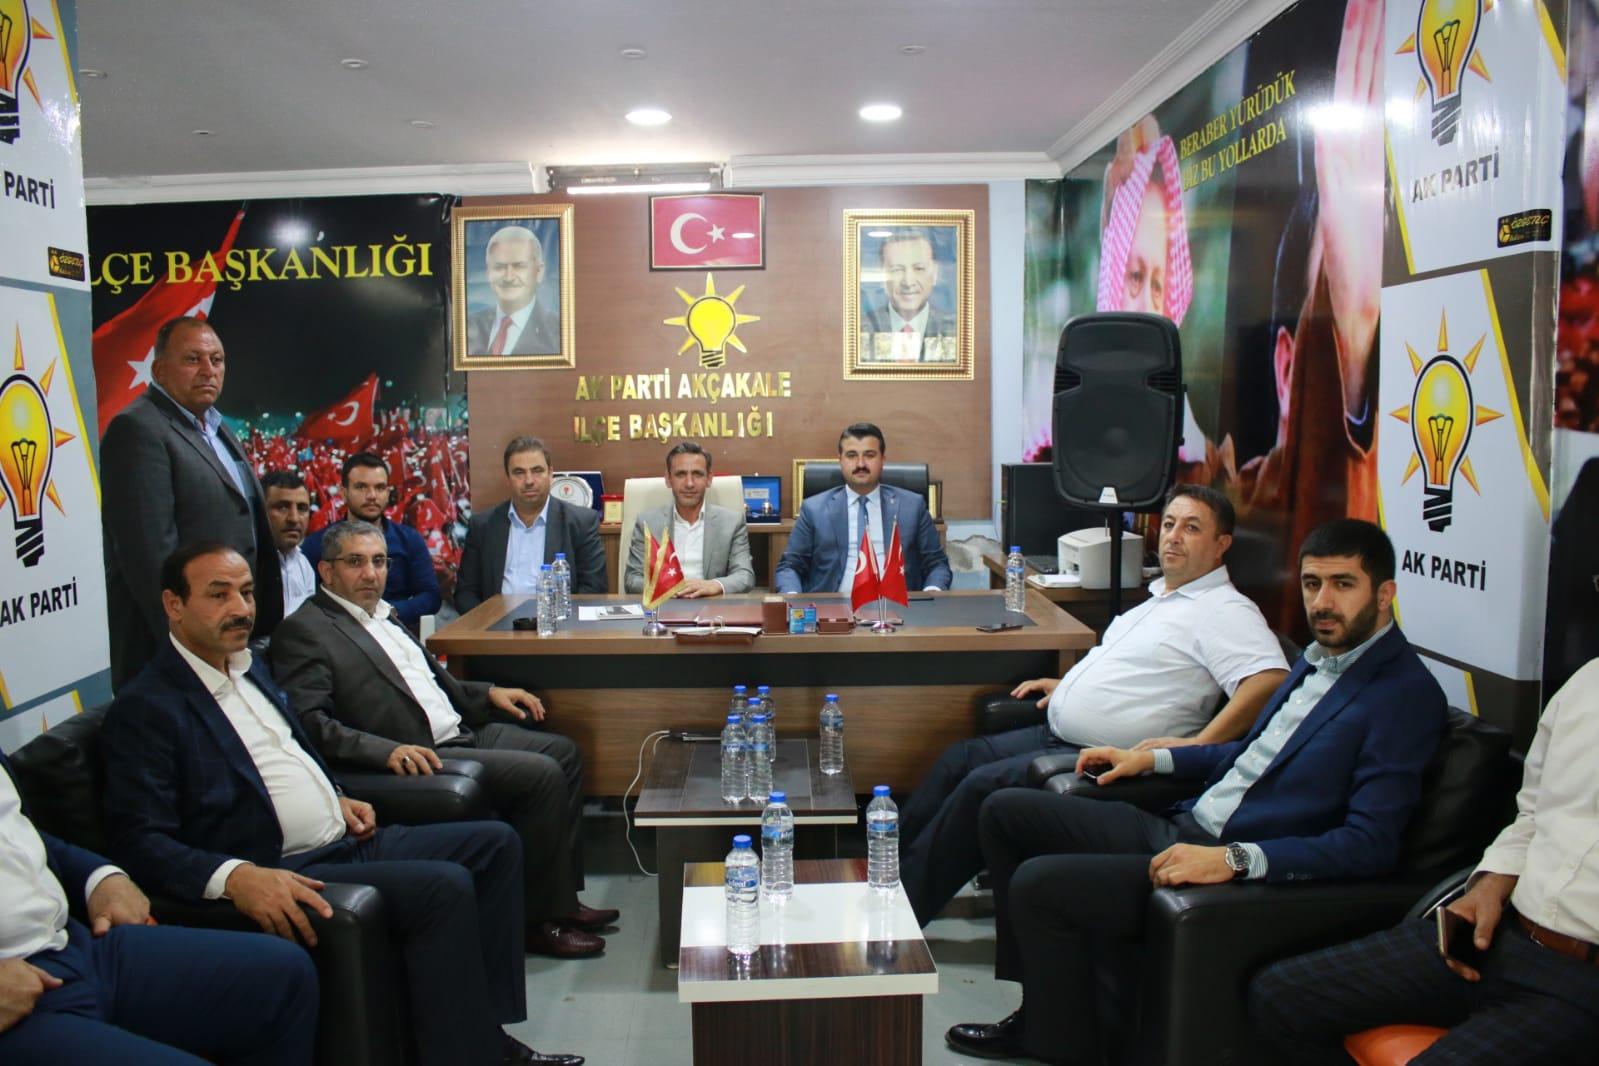 Başkan Yıldız Yerel Seçimler Öncesi Harran ve Akçakale'yi Ziyaret Etti